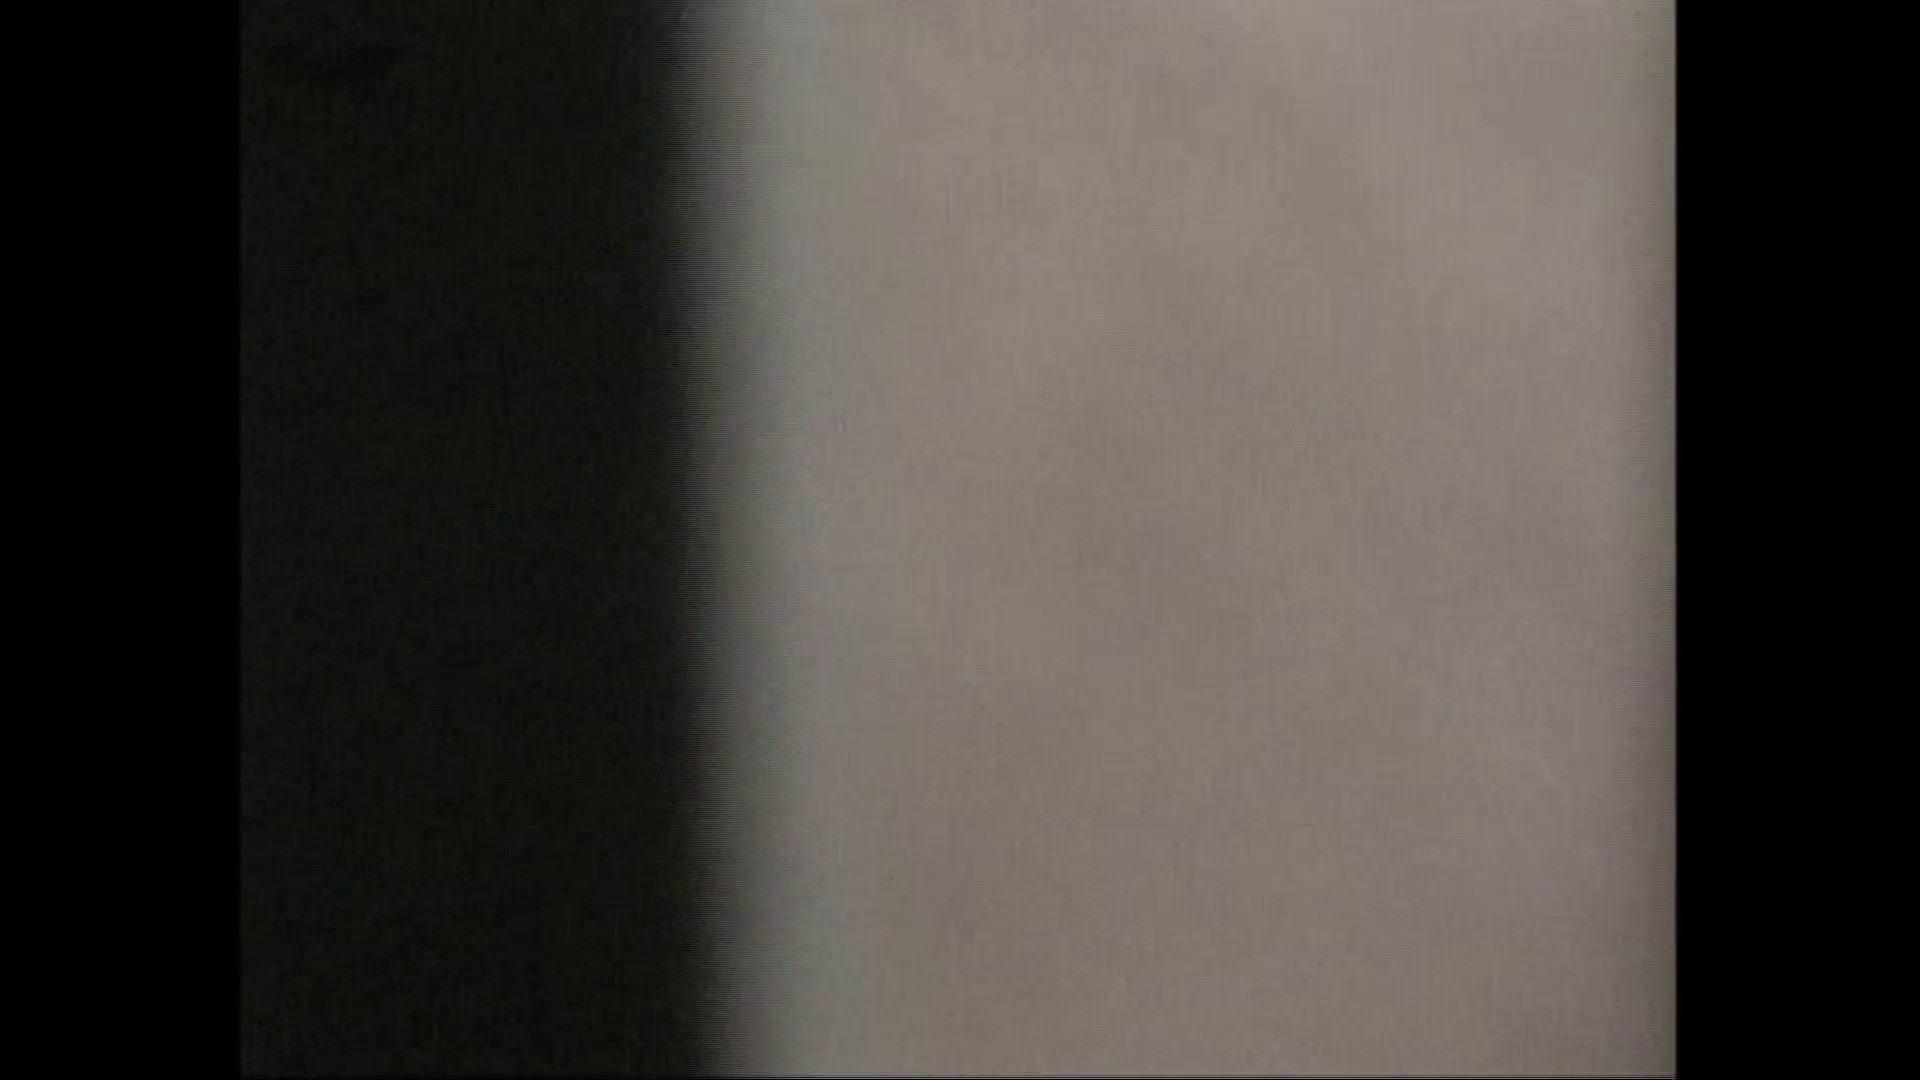 アダルトエロ動画|隙間からノゾク風呂 Vol.28 色白のロングヘアー美人がワシャワシャと。|怪盗ジョーカー